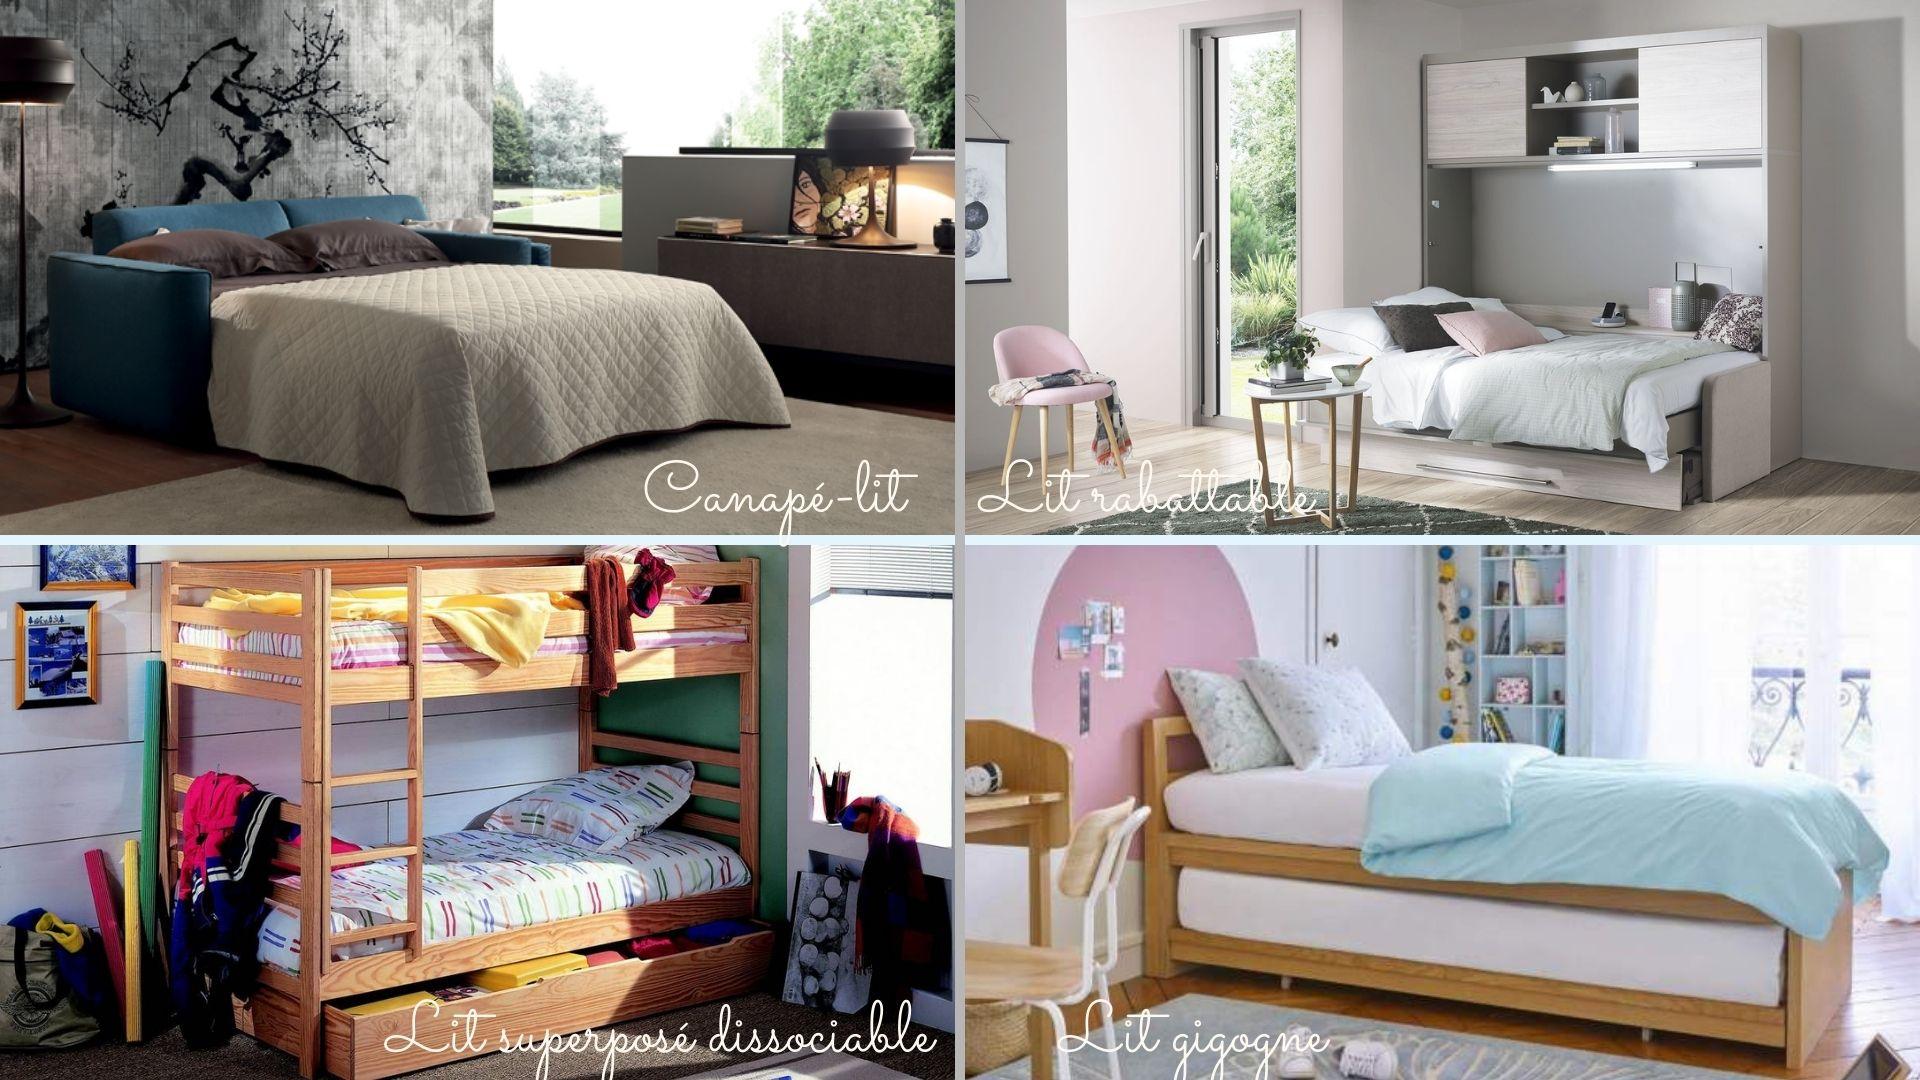 Choisir un canapé lit